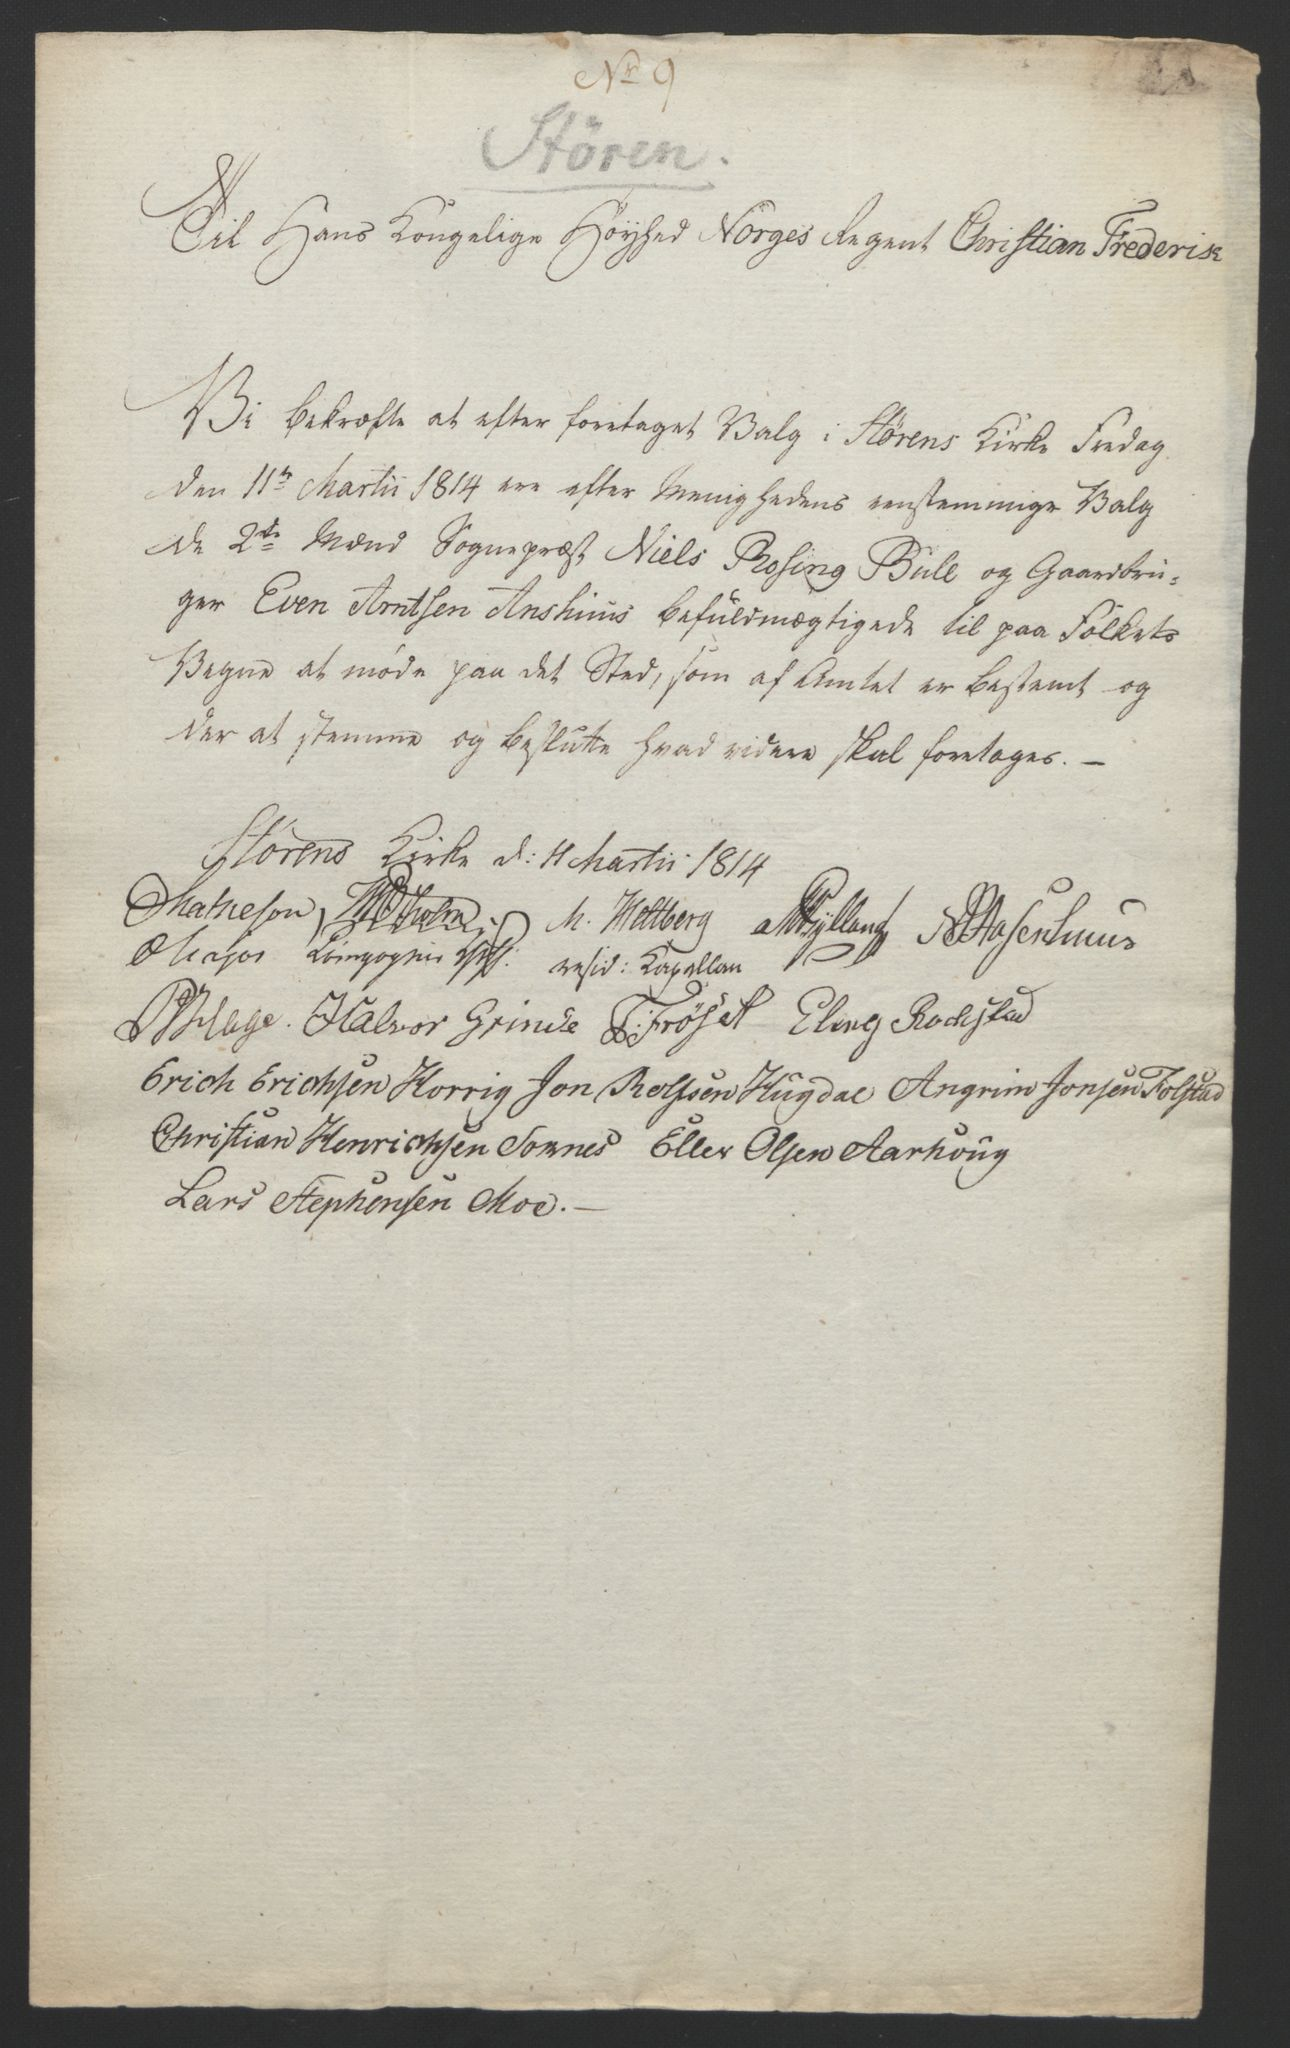 RA, Statsrådssekretariatet, D/Db/L0008: Fullmakter for Eidsvollsrepresentantene i 1814. , 1814, s. 458